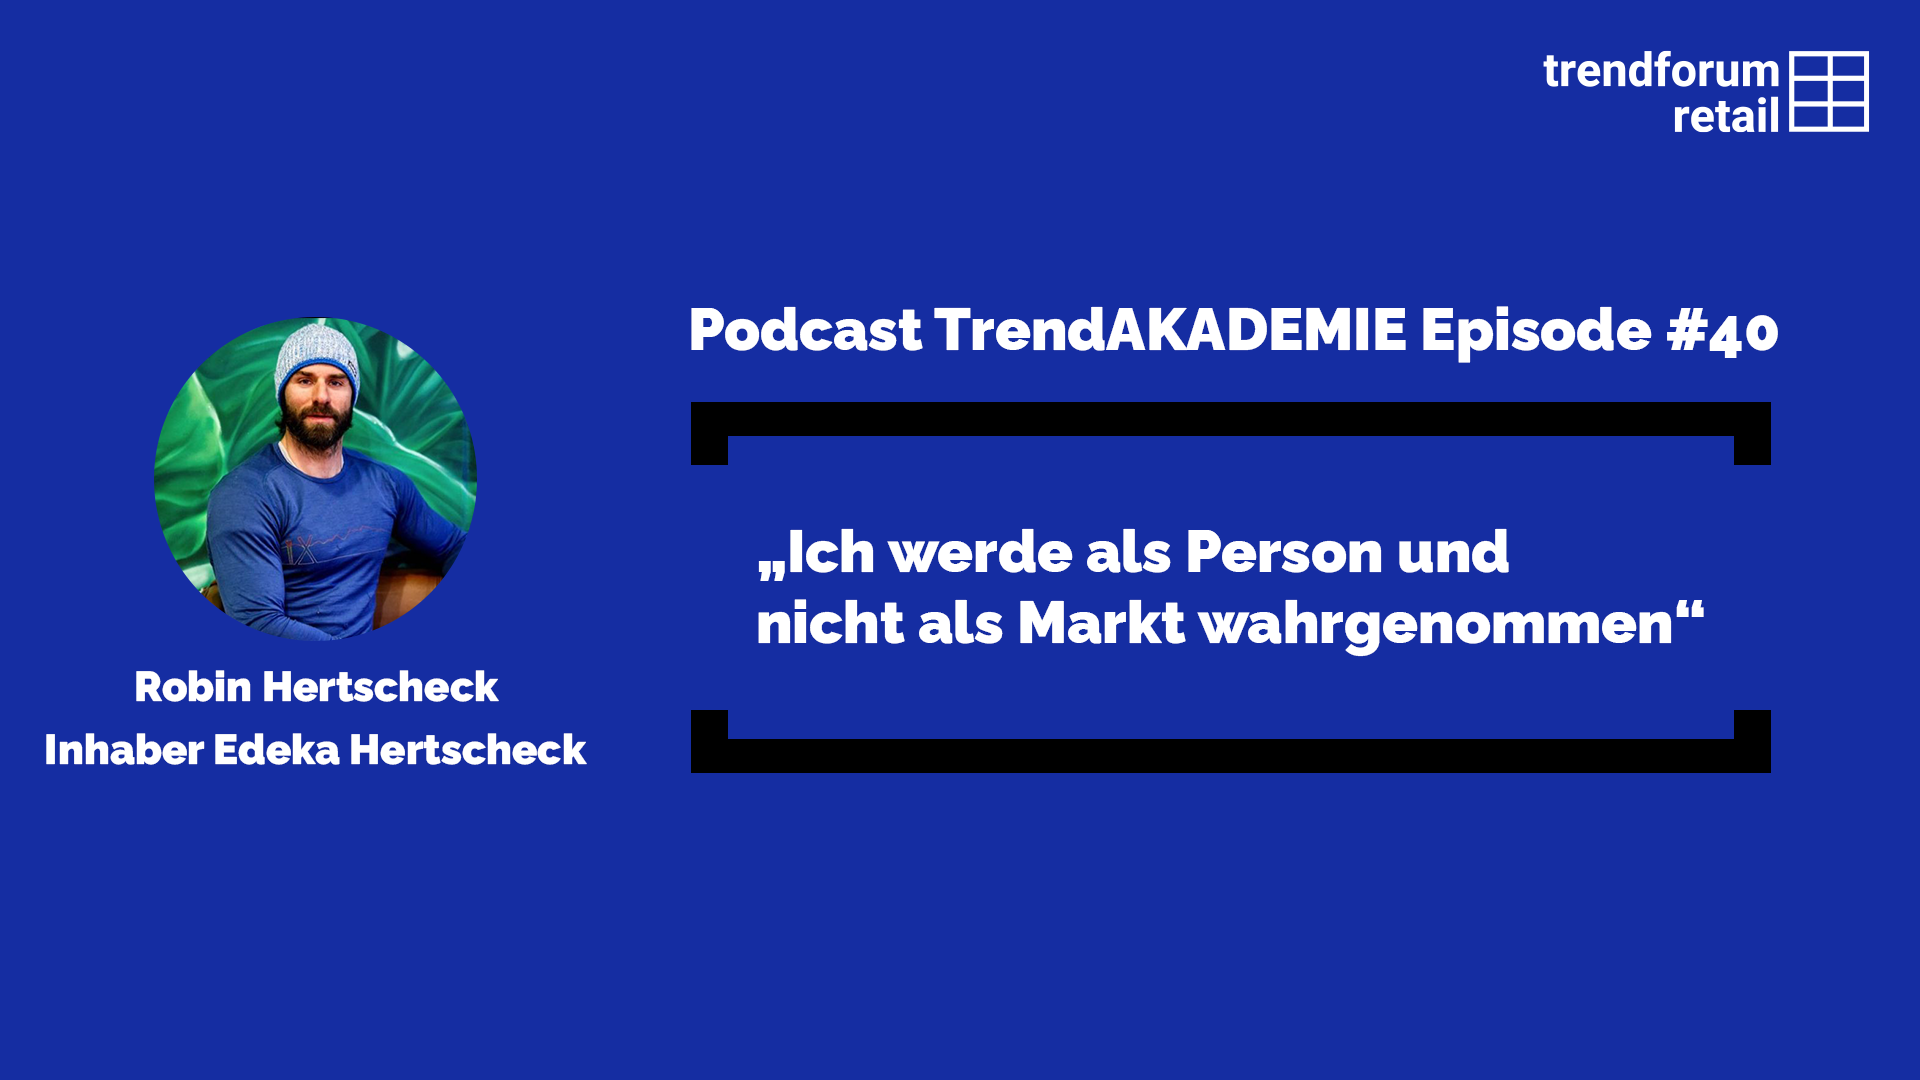 """Podcast TrendAKADEMIE - Episode 40: """"Ich werde als Person wahrgenommen und nicht als Markt"""